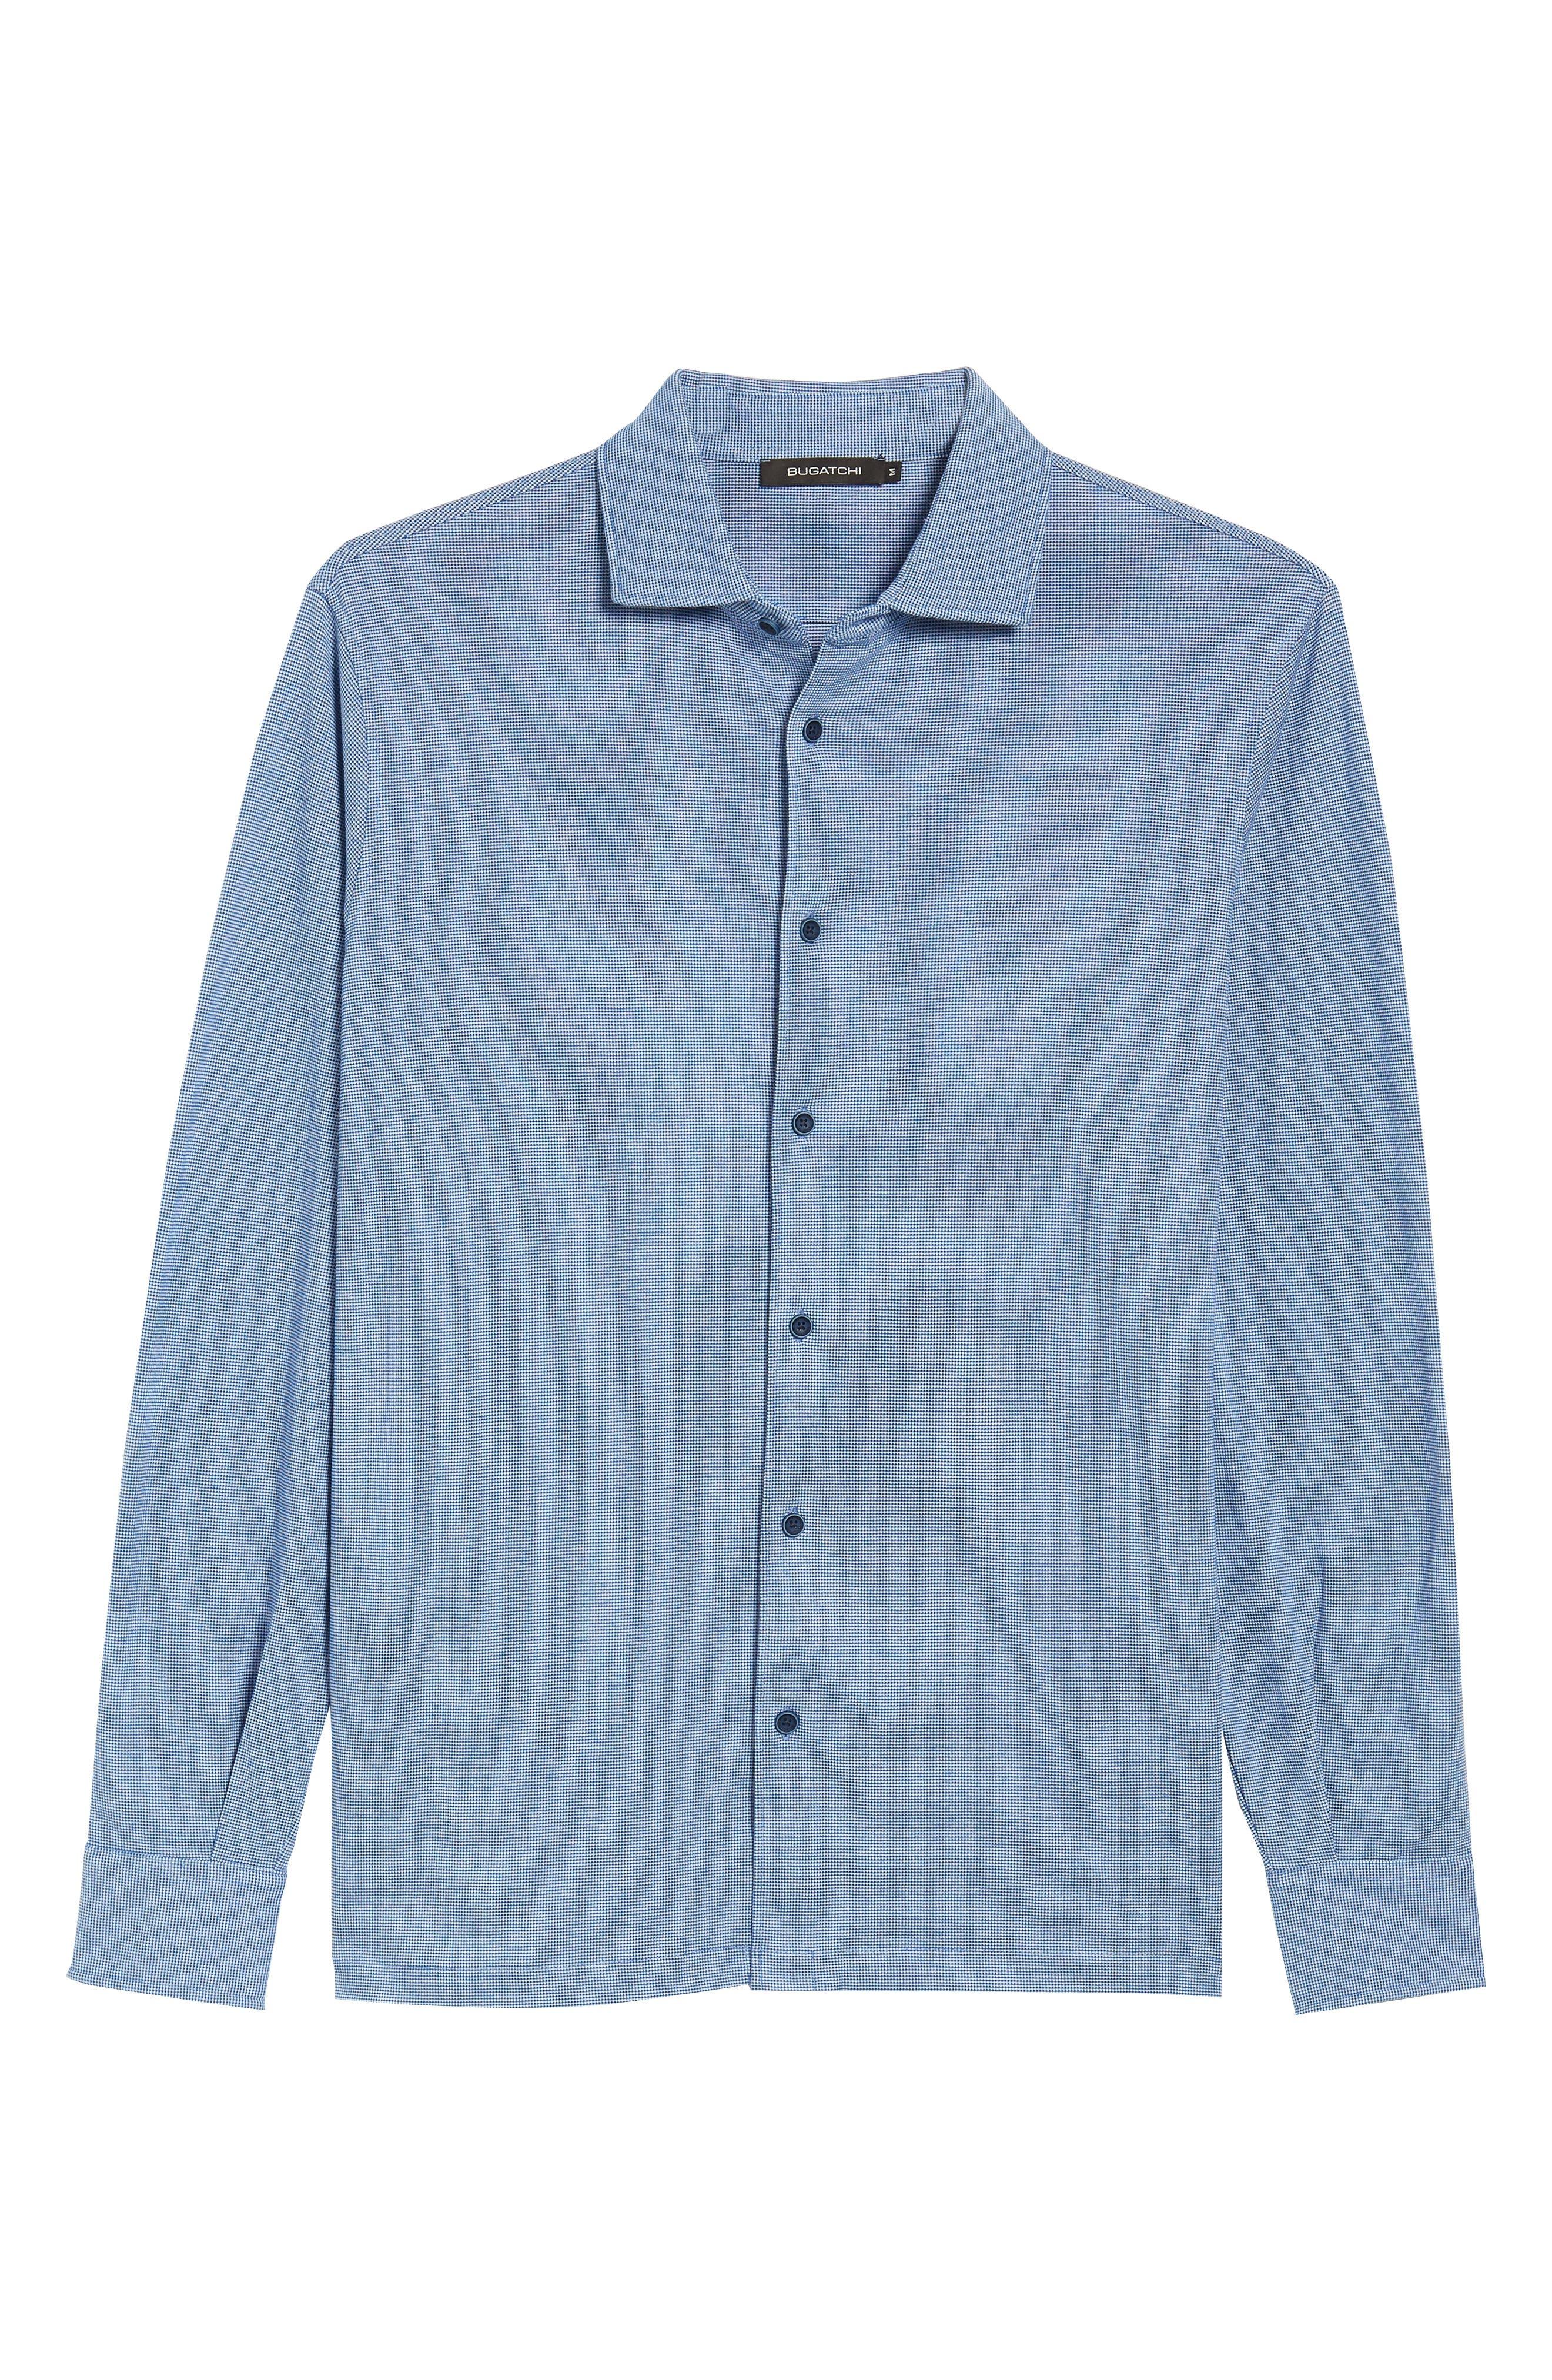 Regular Fit Piqué Cotton Sport Shirt,                             Alternate thumbnail 6, color,                             Navy